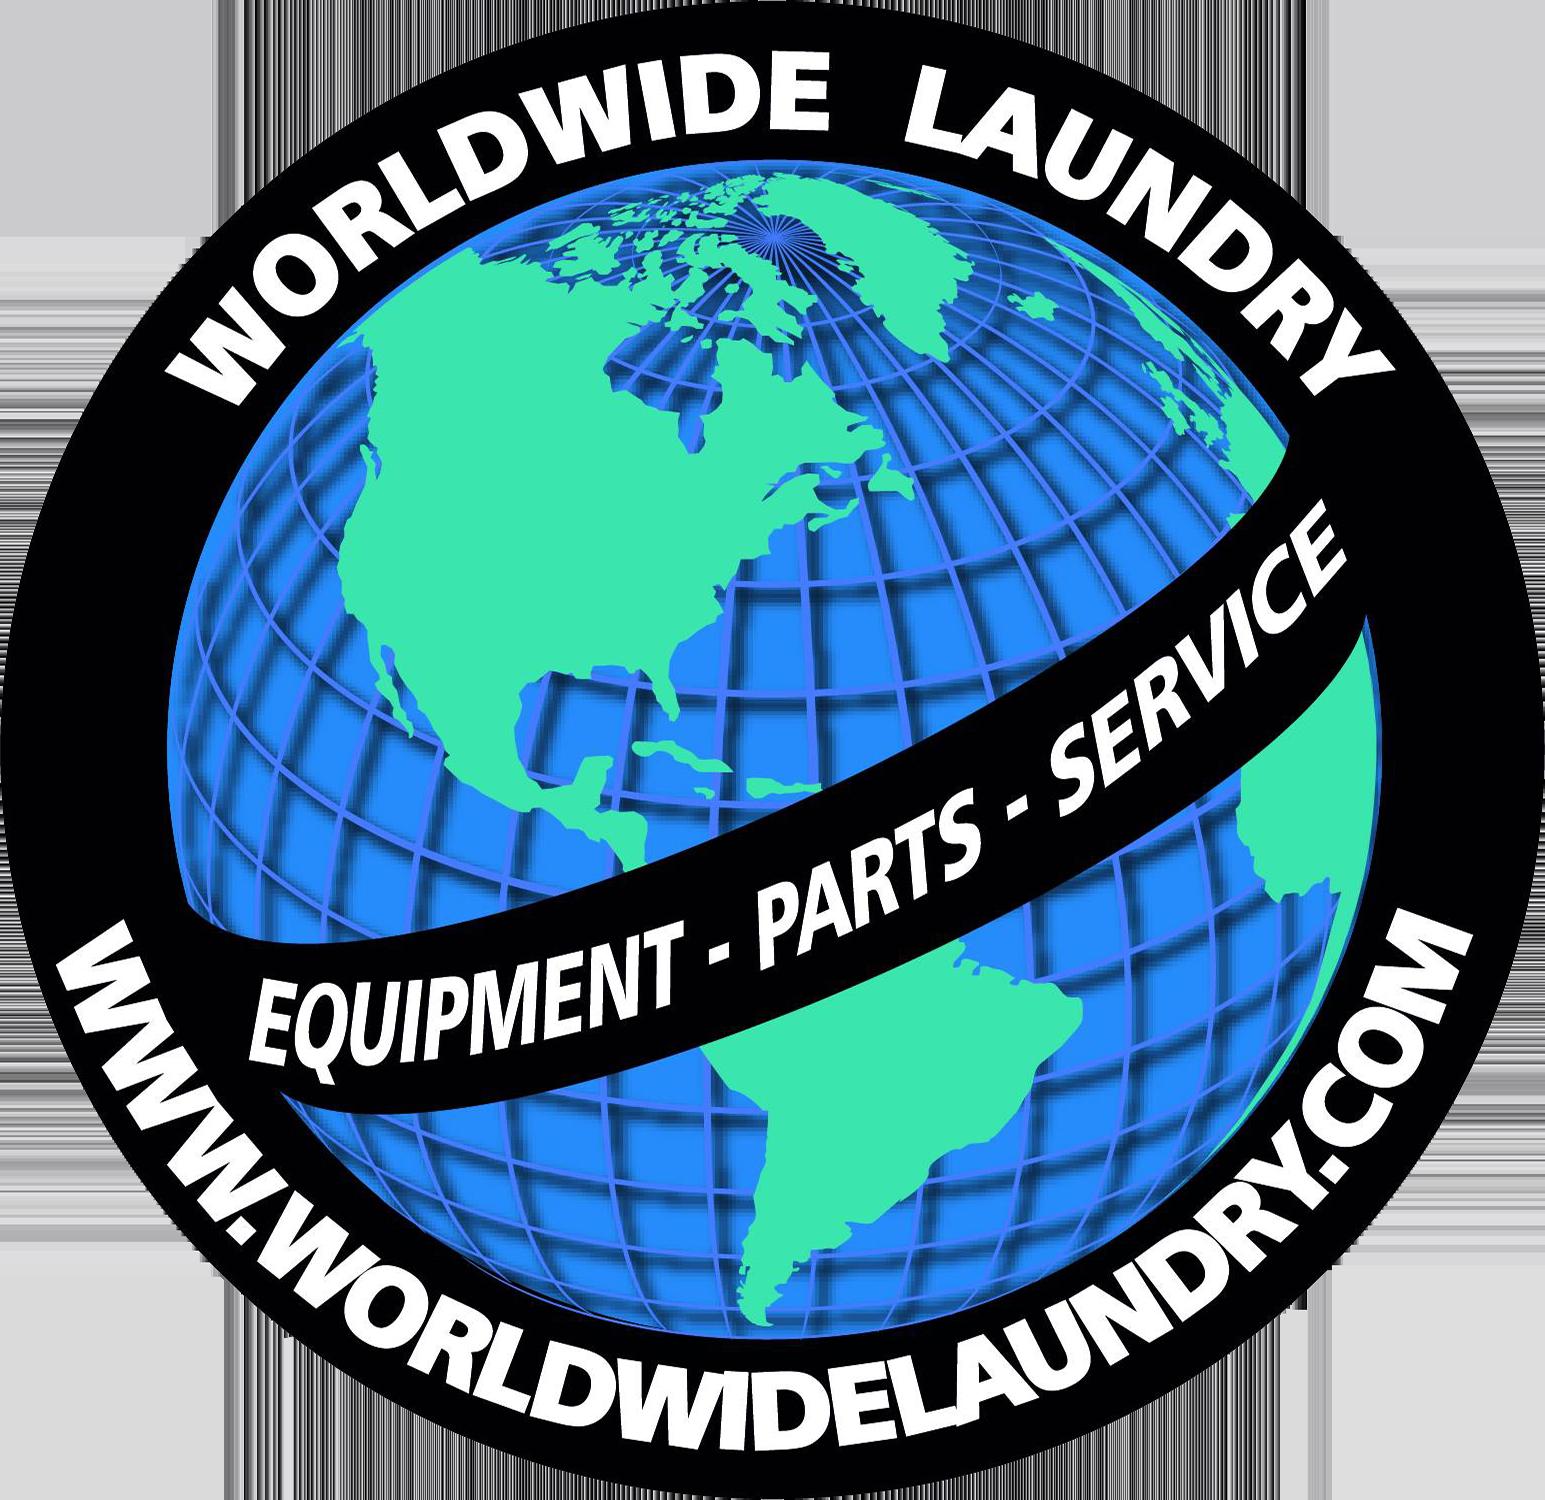 Worldwide Laundry new logo